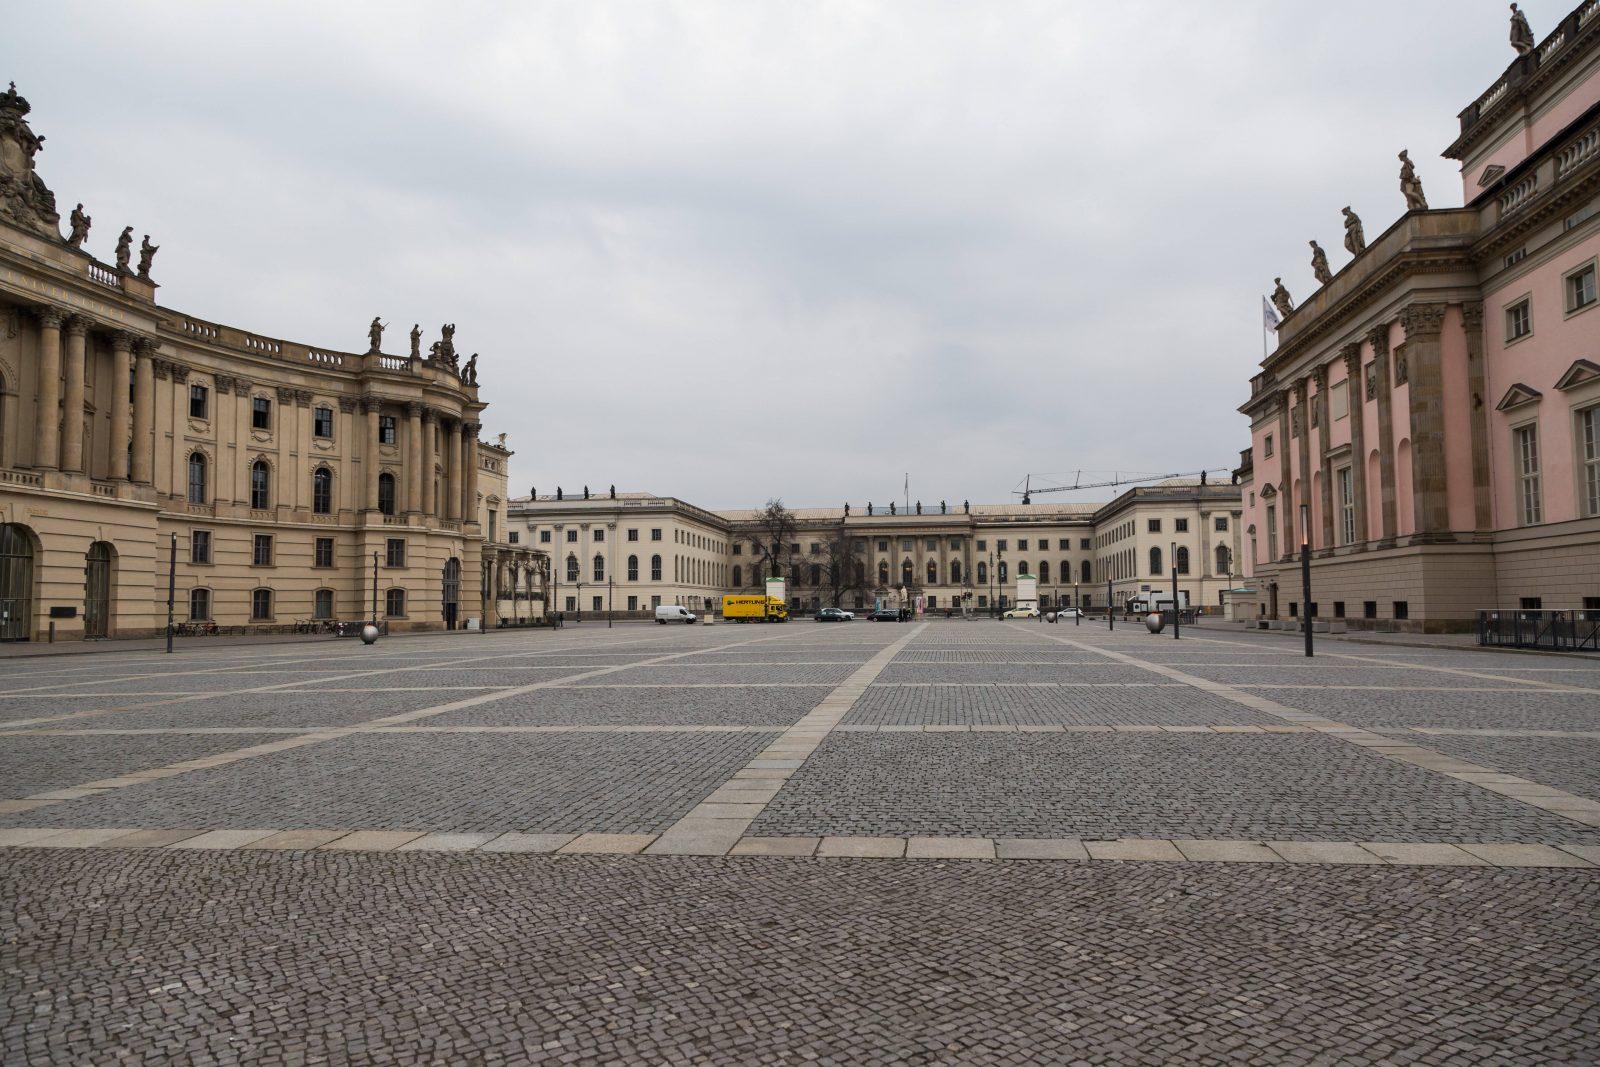 Staatsoper zu, Humboldt-Uni zu, und niemand, der am Bebelplatz verweilt. Foto: imago images / STPP